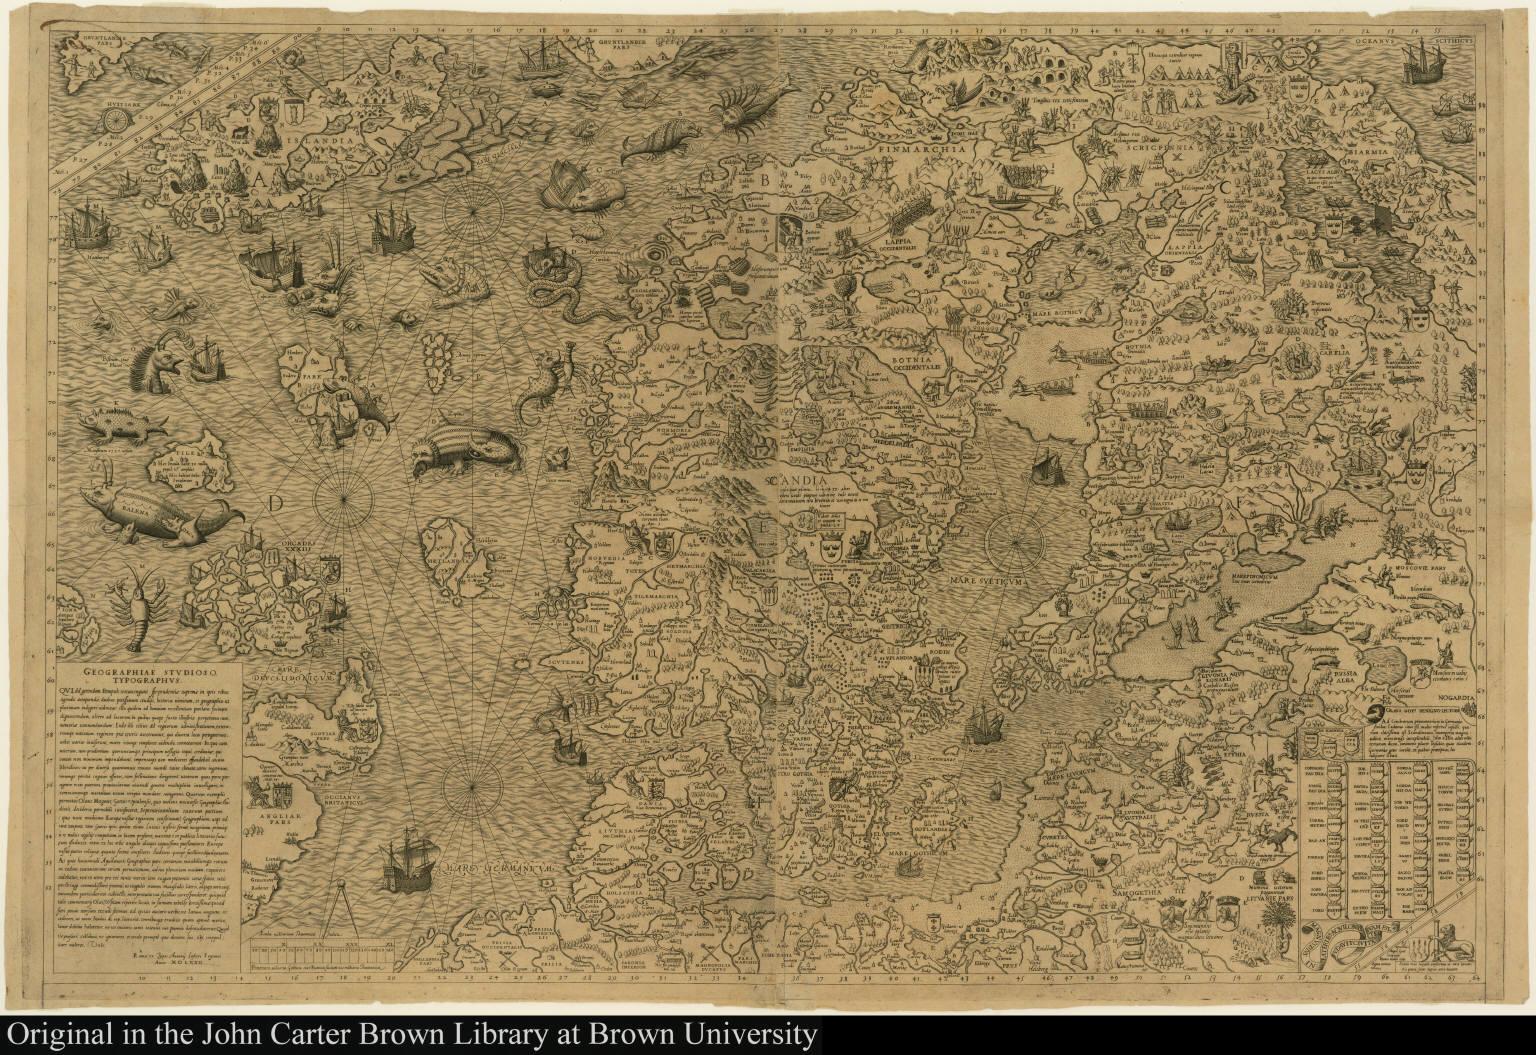 [Carta marina et descriptio septentrionalium Terrarum]